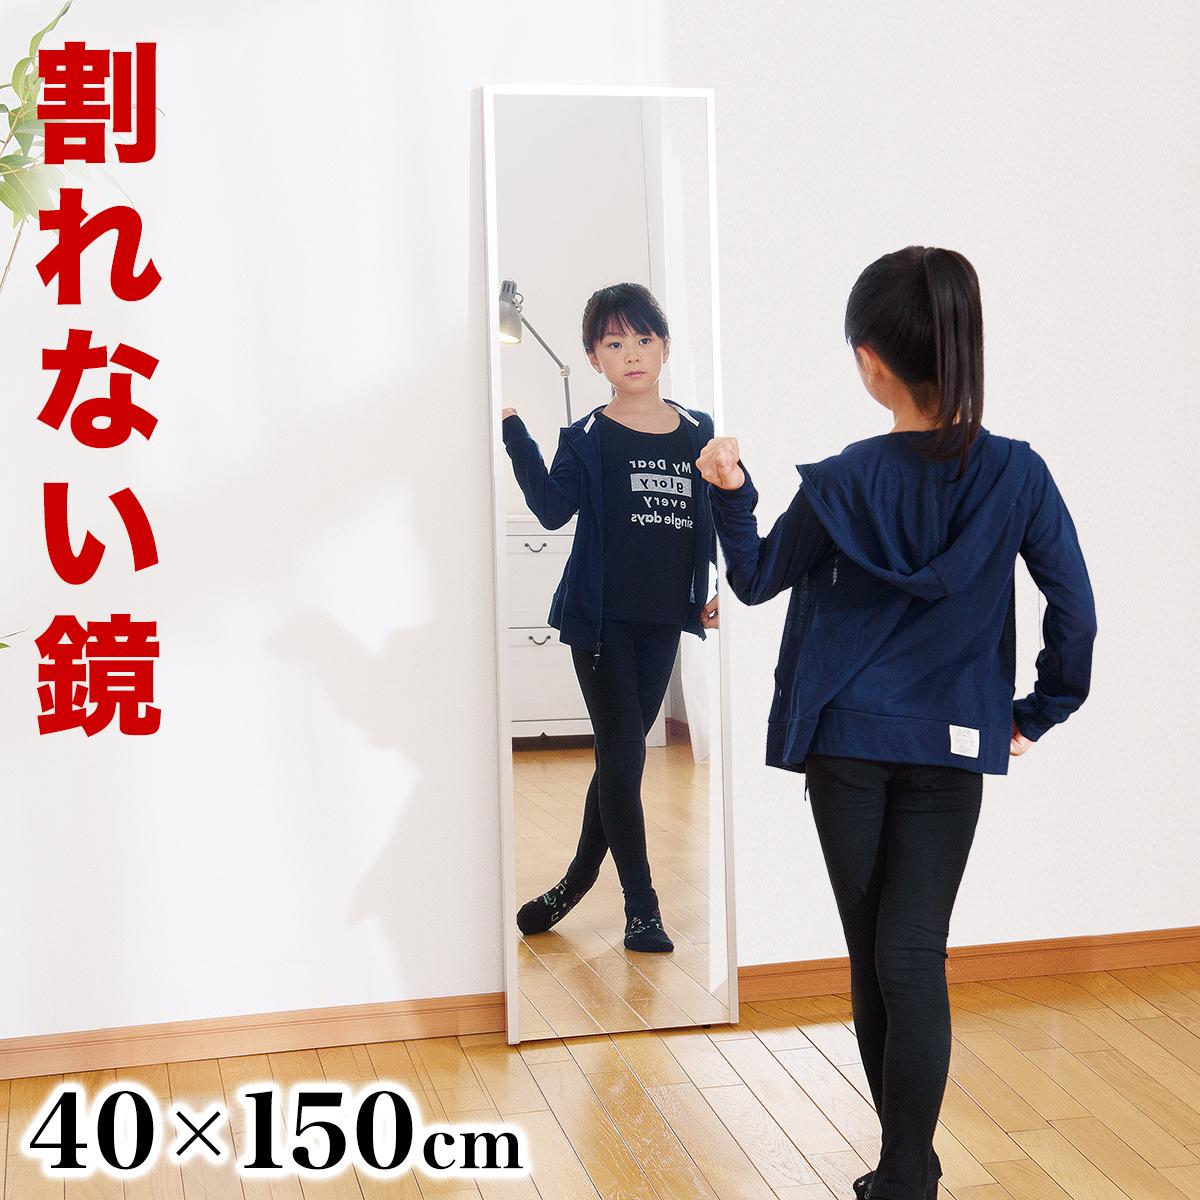 割れない鏡 幅40 高さ150 リフェクスミラー refex ミラー 日本製 鏡 壁掛け 全身 おしゃれ 姿見 ミラー 国産 フィルム 軽量 薄い 軽い 薄型 安全 ロング スリム 大型 吊り式 幅40cm 40×150 みだしなみ 玄関 RM-4 防災の日 防災週間